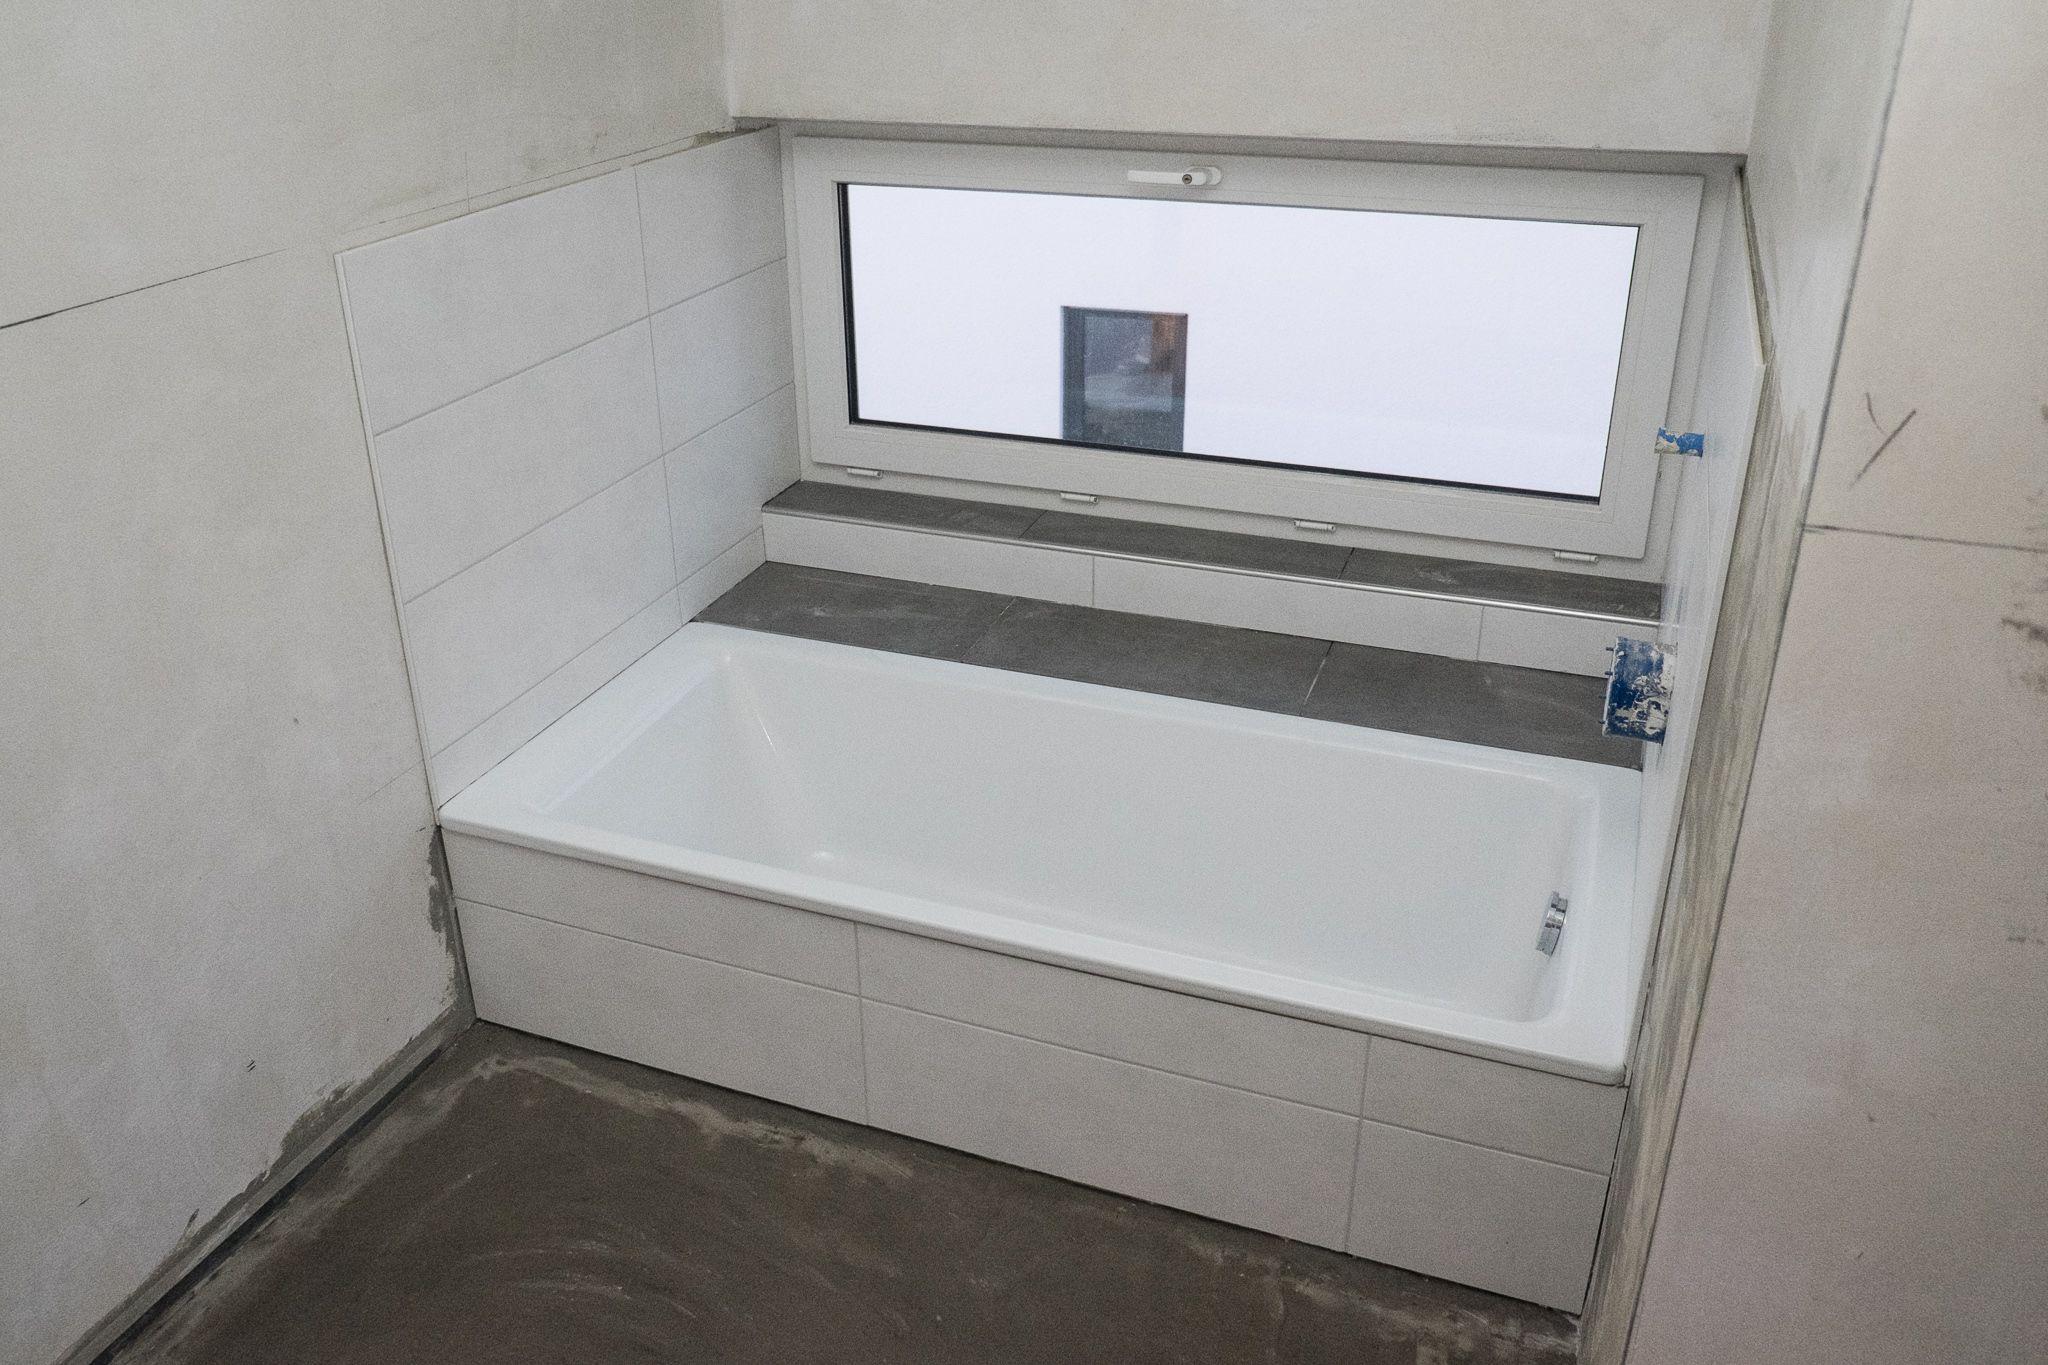 wir bauen in remagen: fliesen ii u0026 badewanne | pinterest